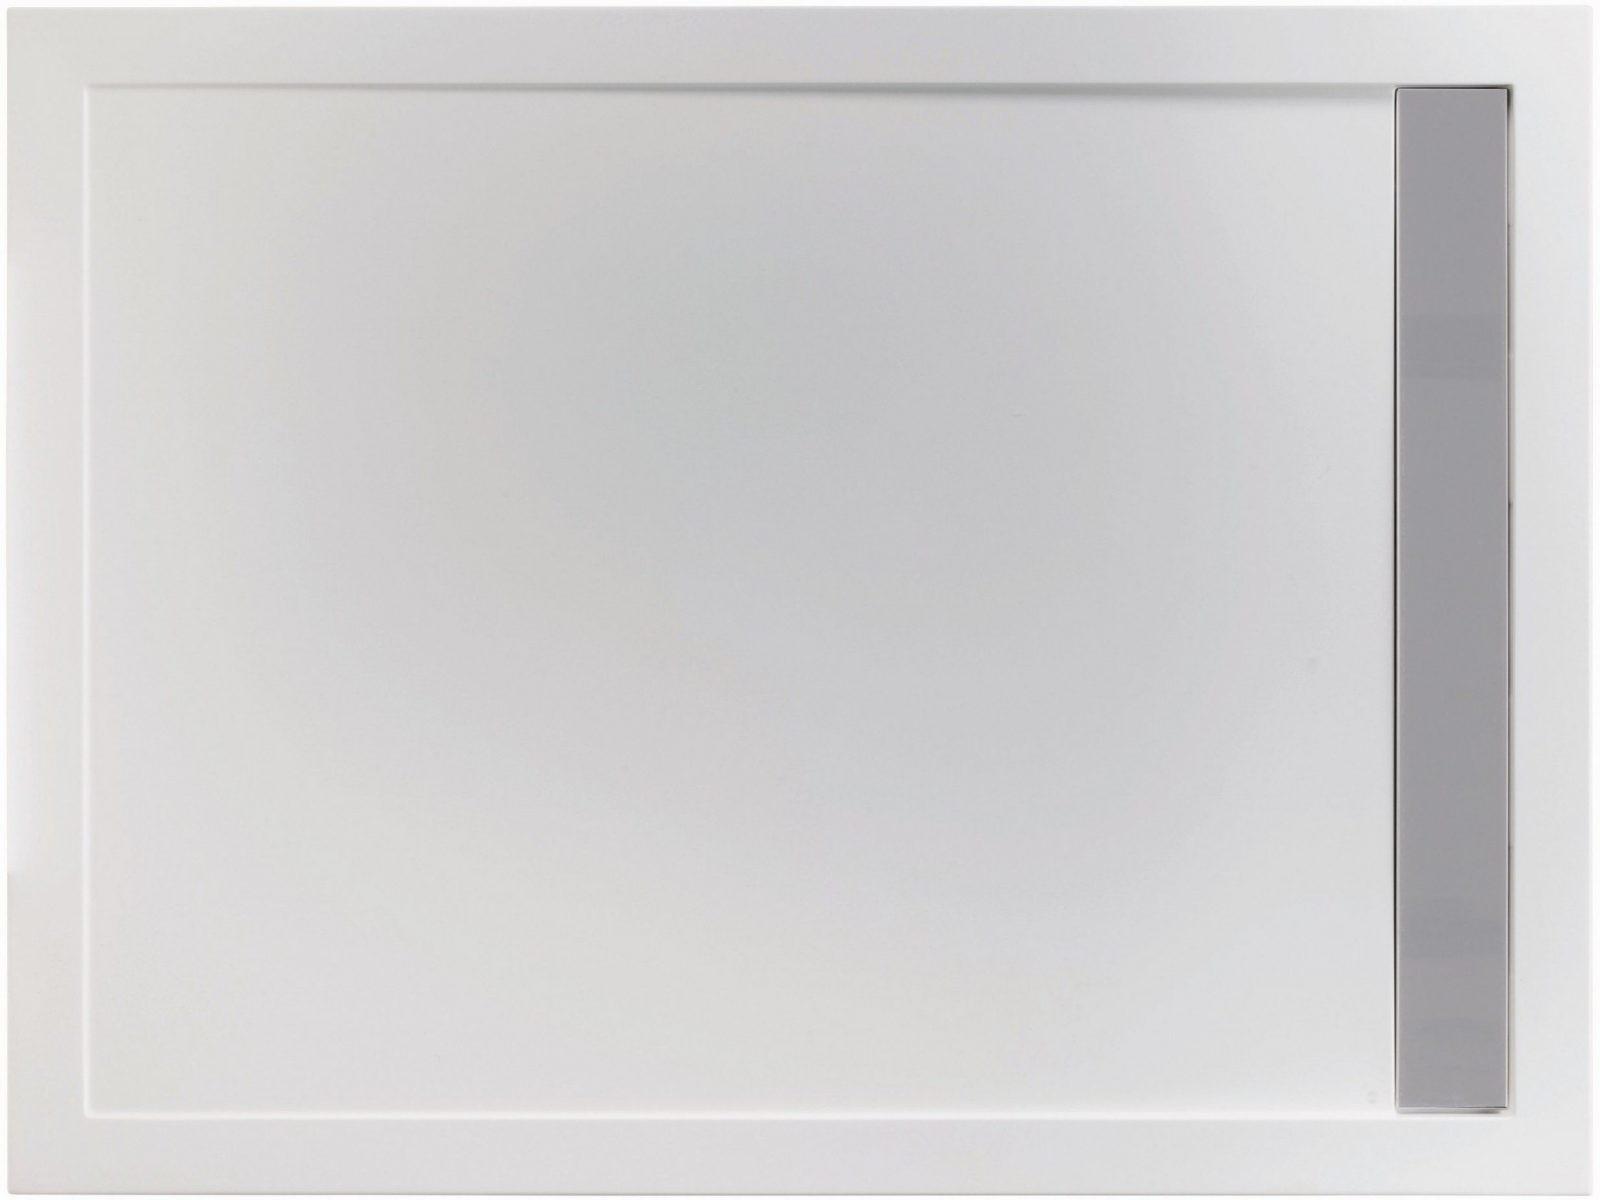 Mineralguss Duschwanne 160 X 80 Cm Mit Ablaufrinne von Duschwanne 80 X 160 Bild